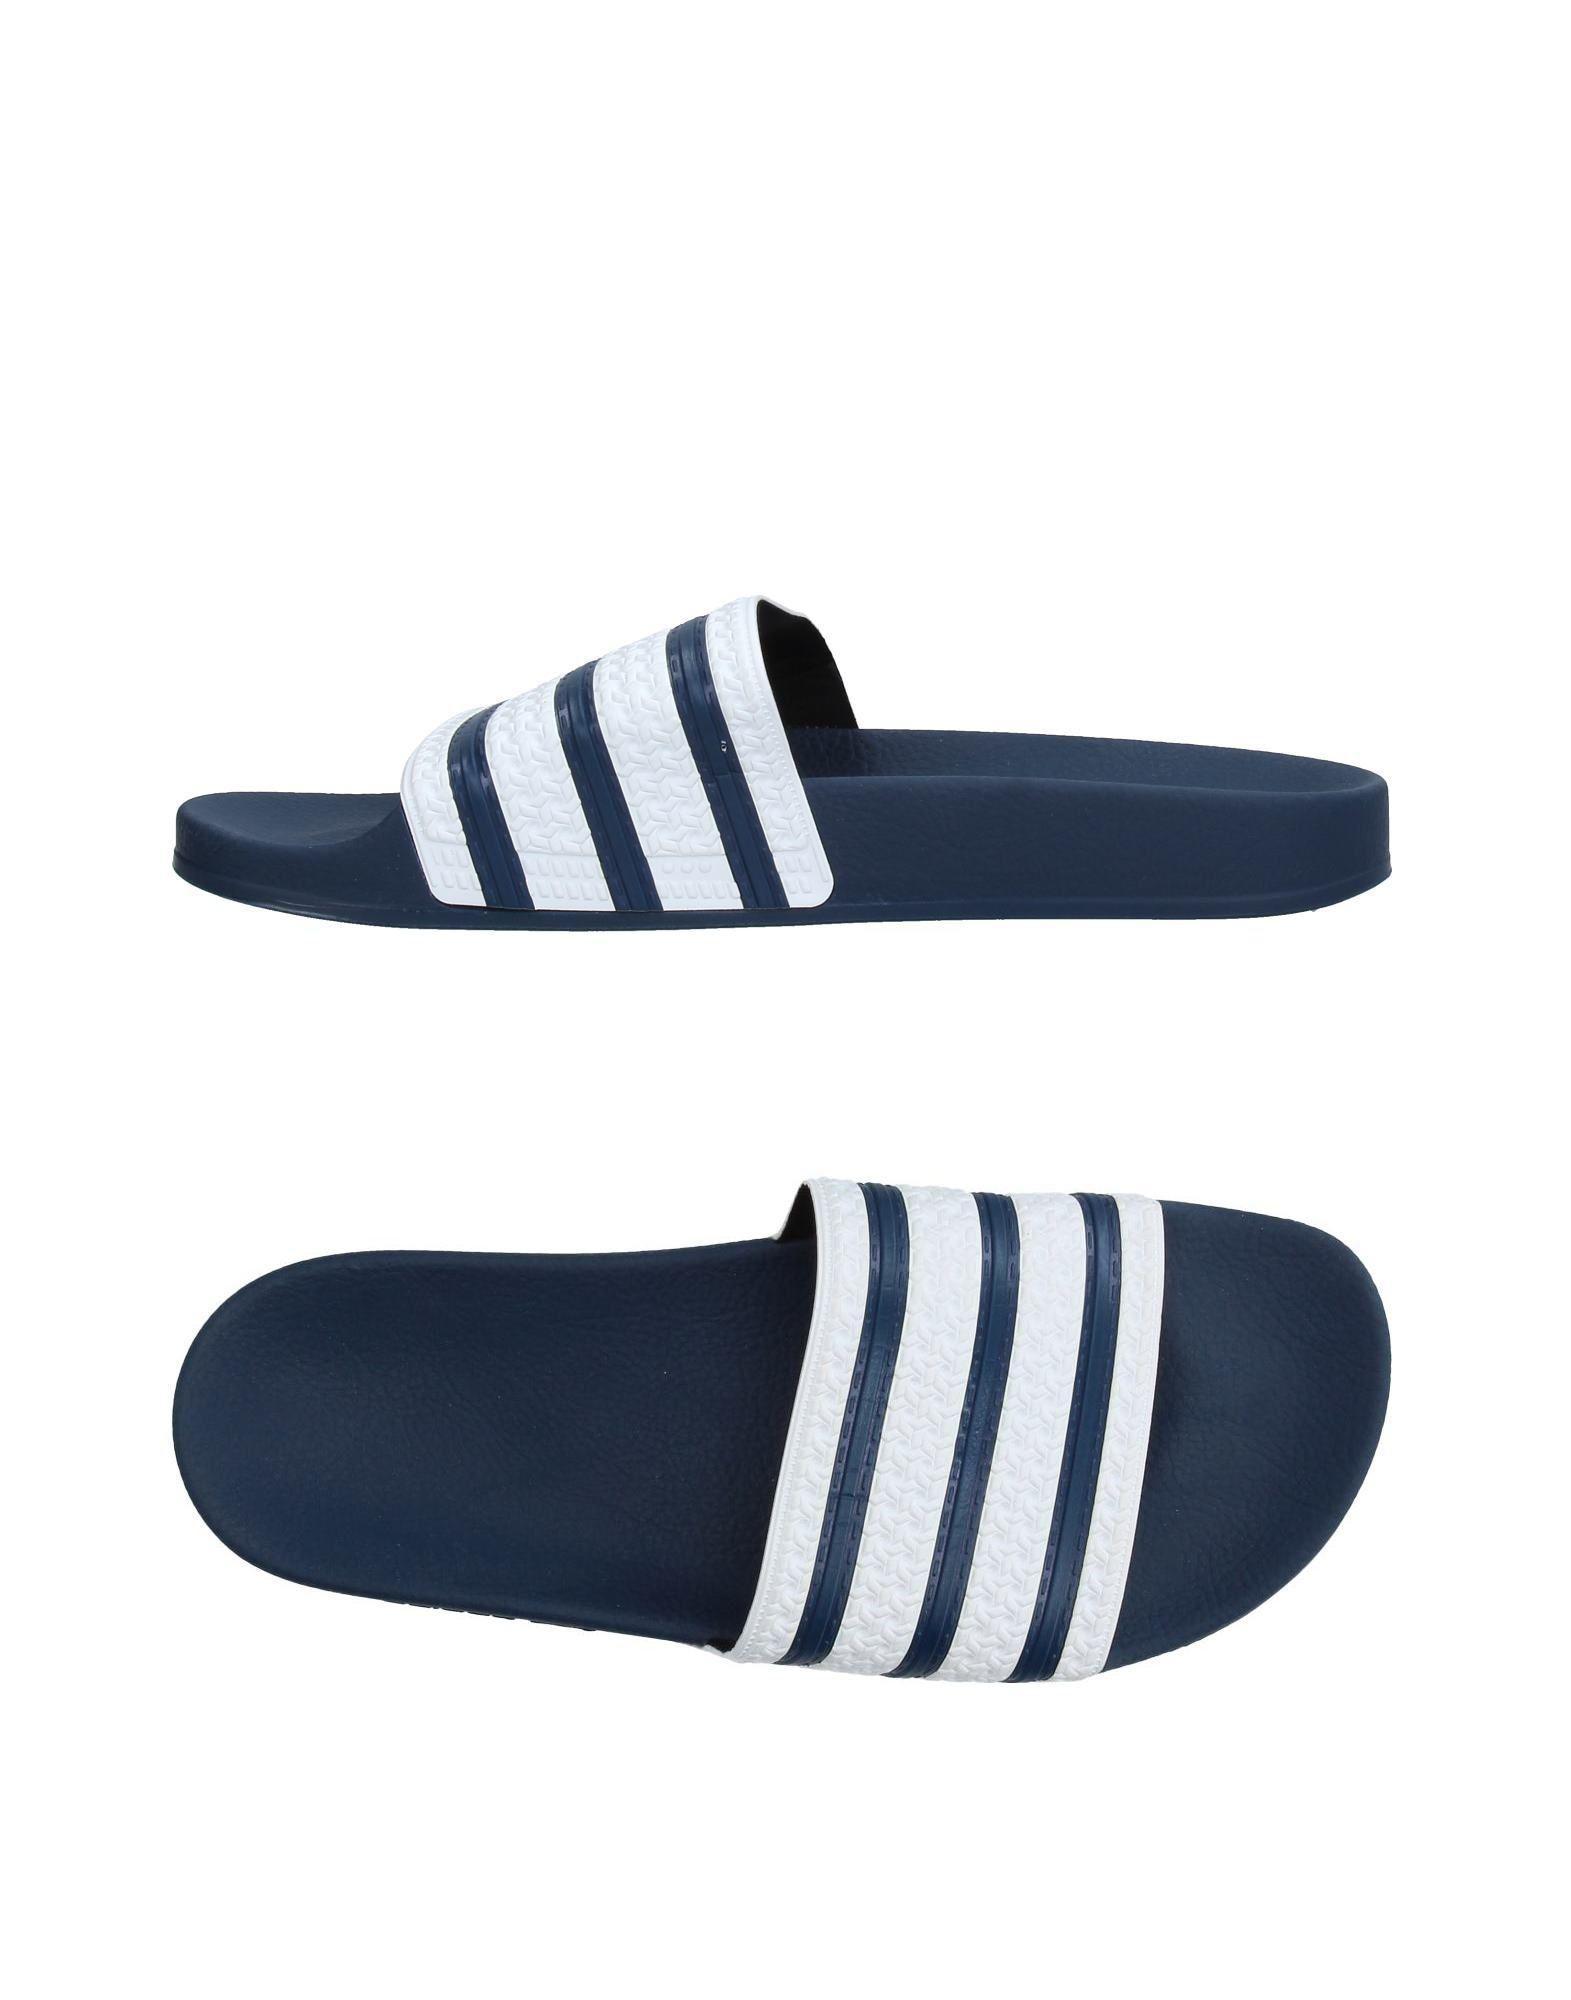 46d2021035b326 Lyst - adidas Originals Sandale in Blau für Herren